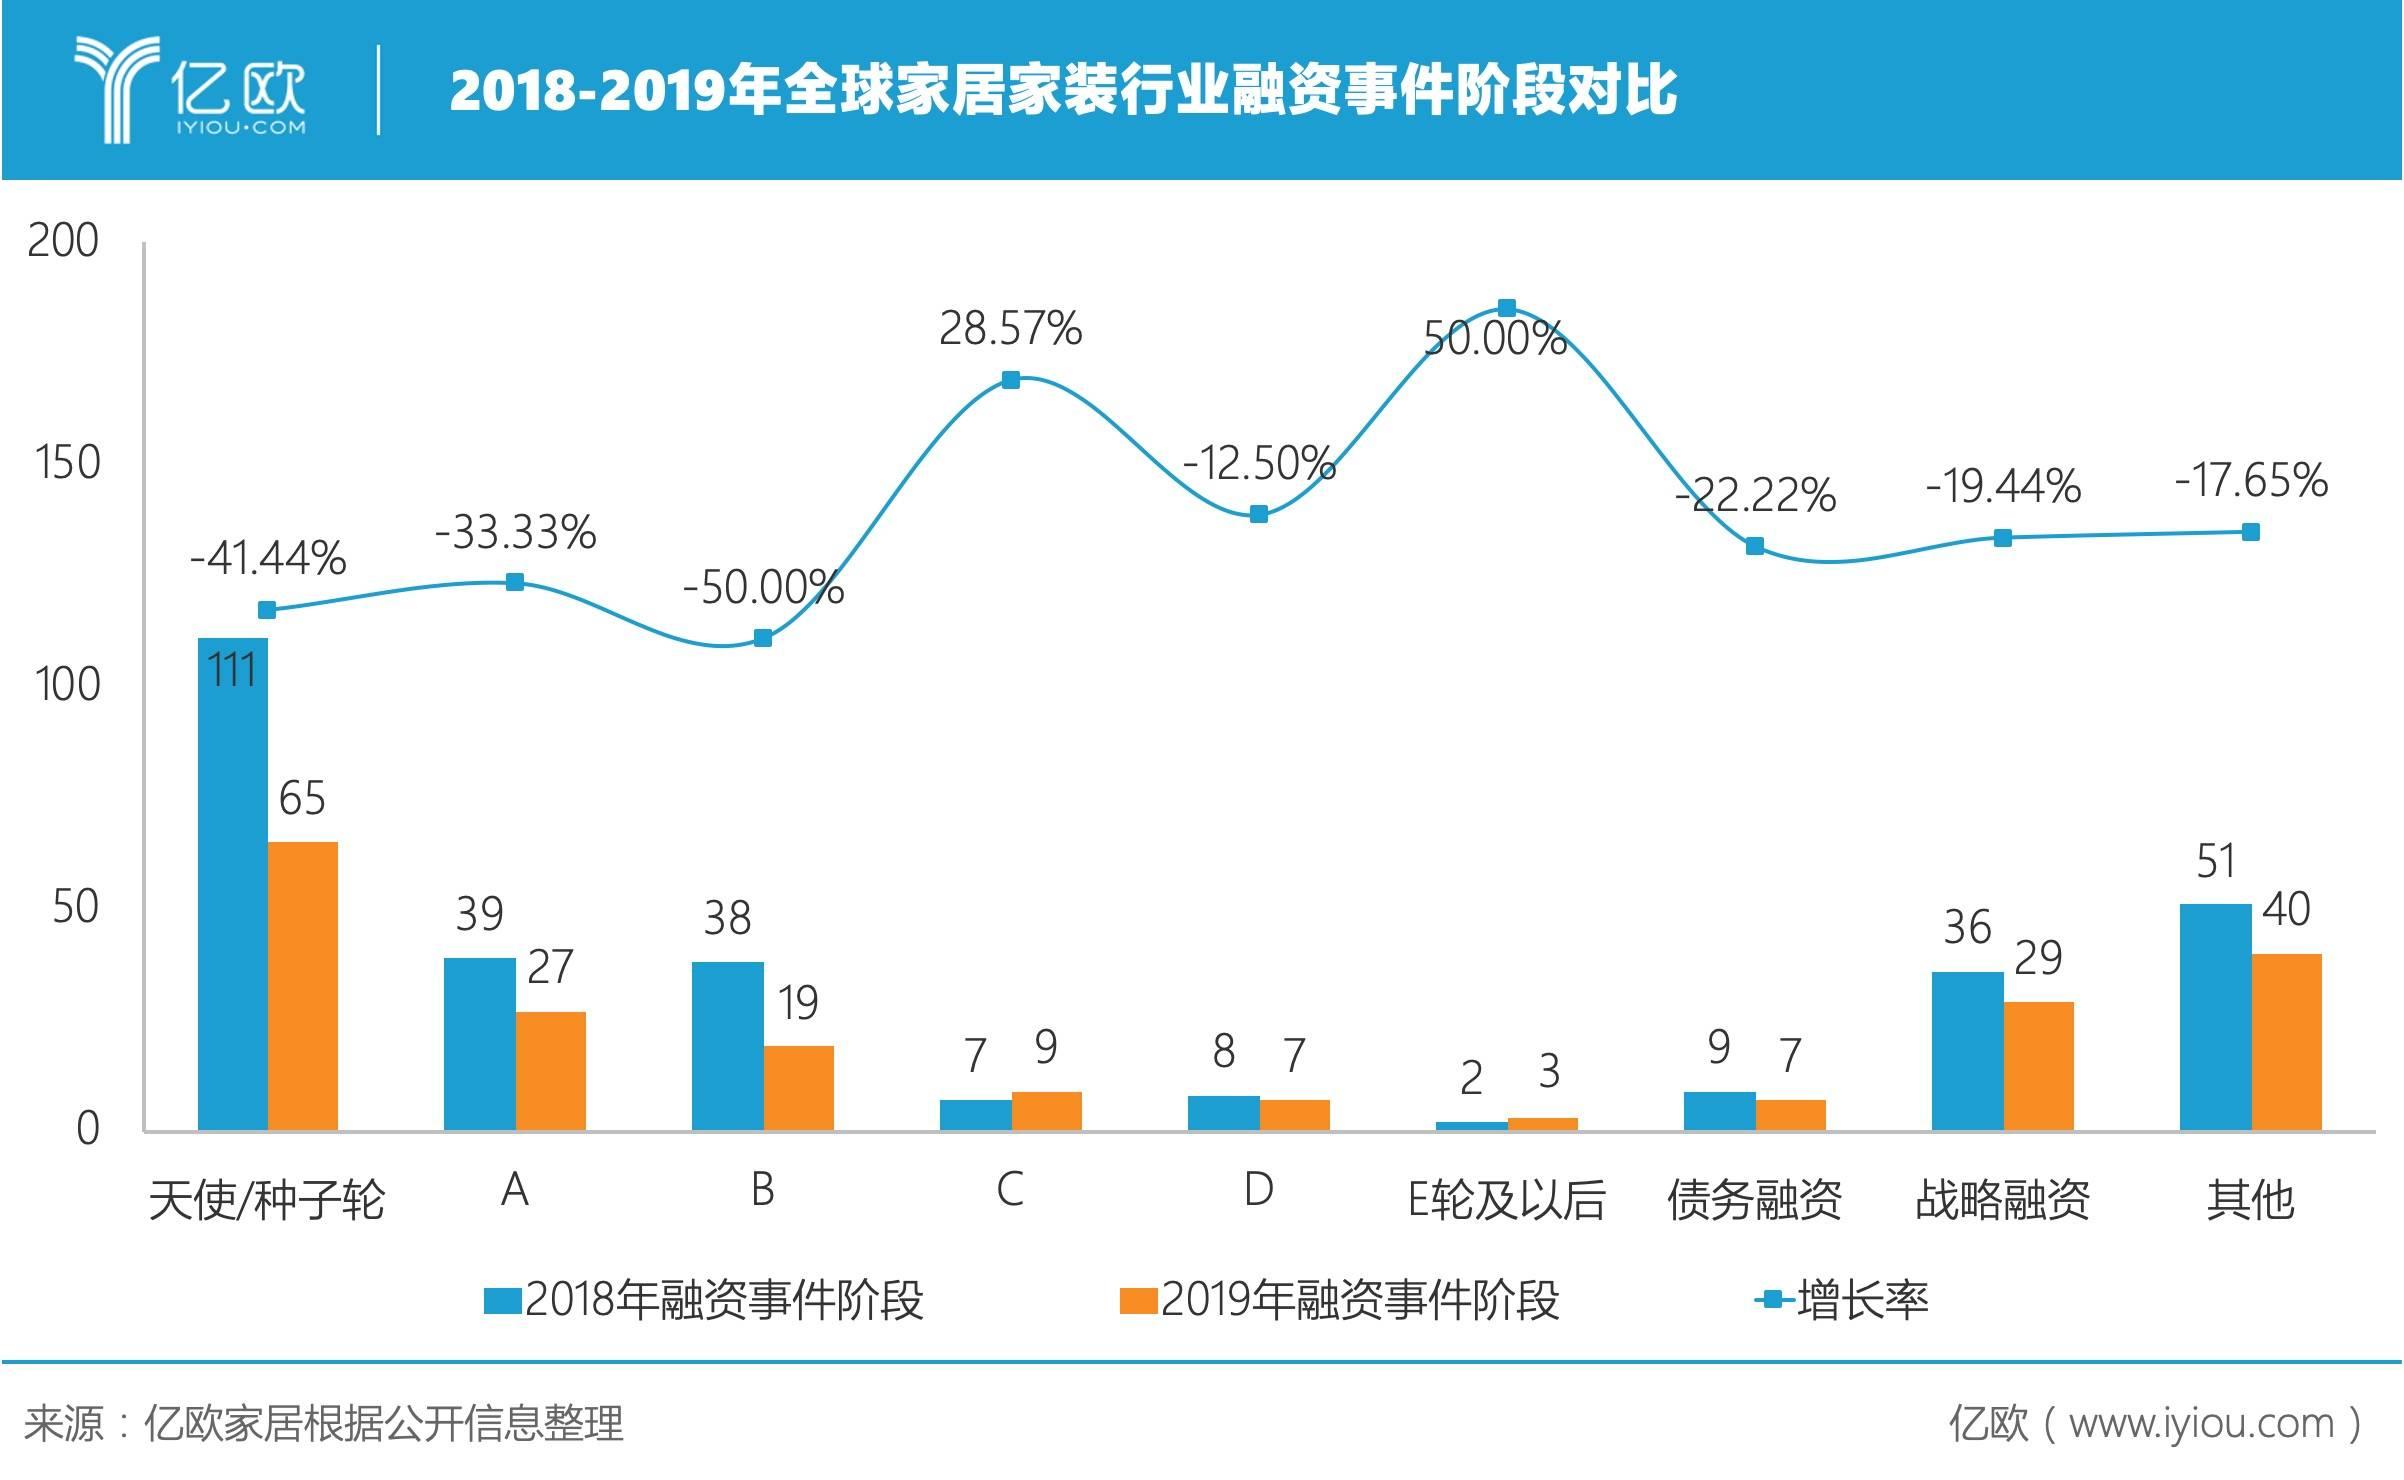 2018-2019年全球家居家装行业融资事件阶段对比